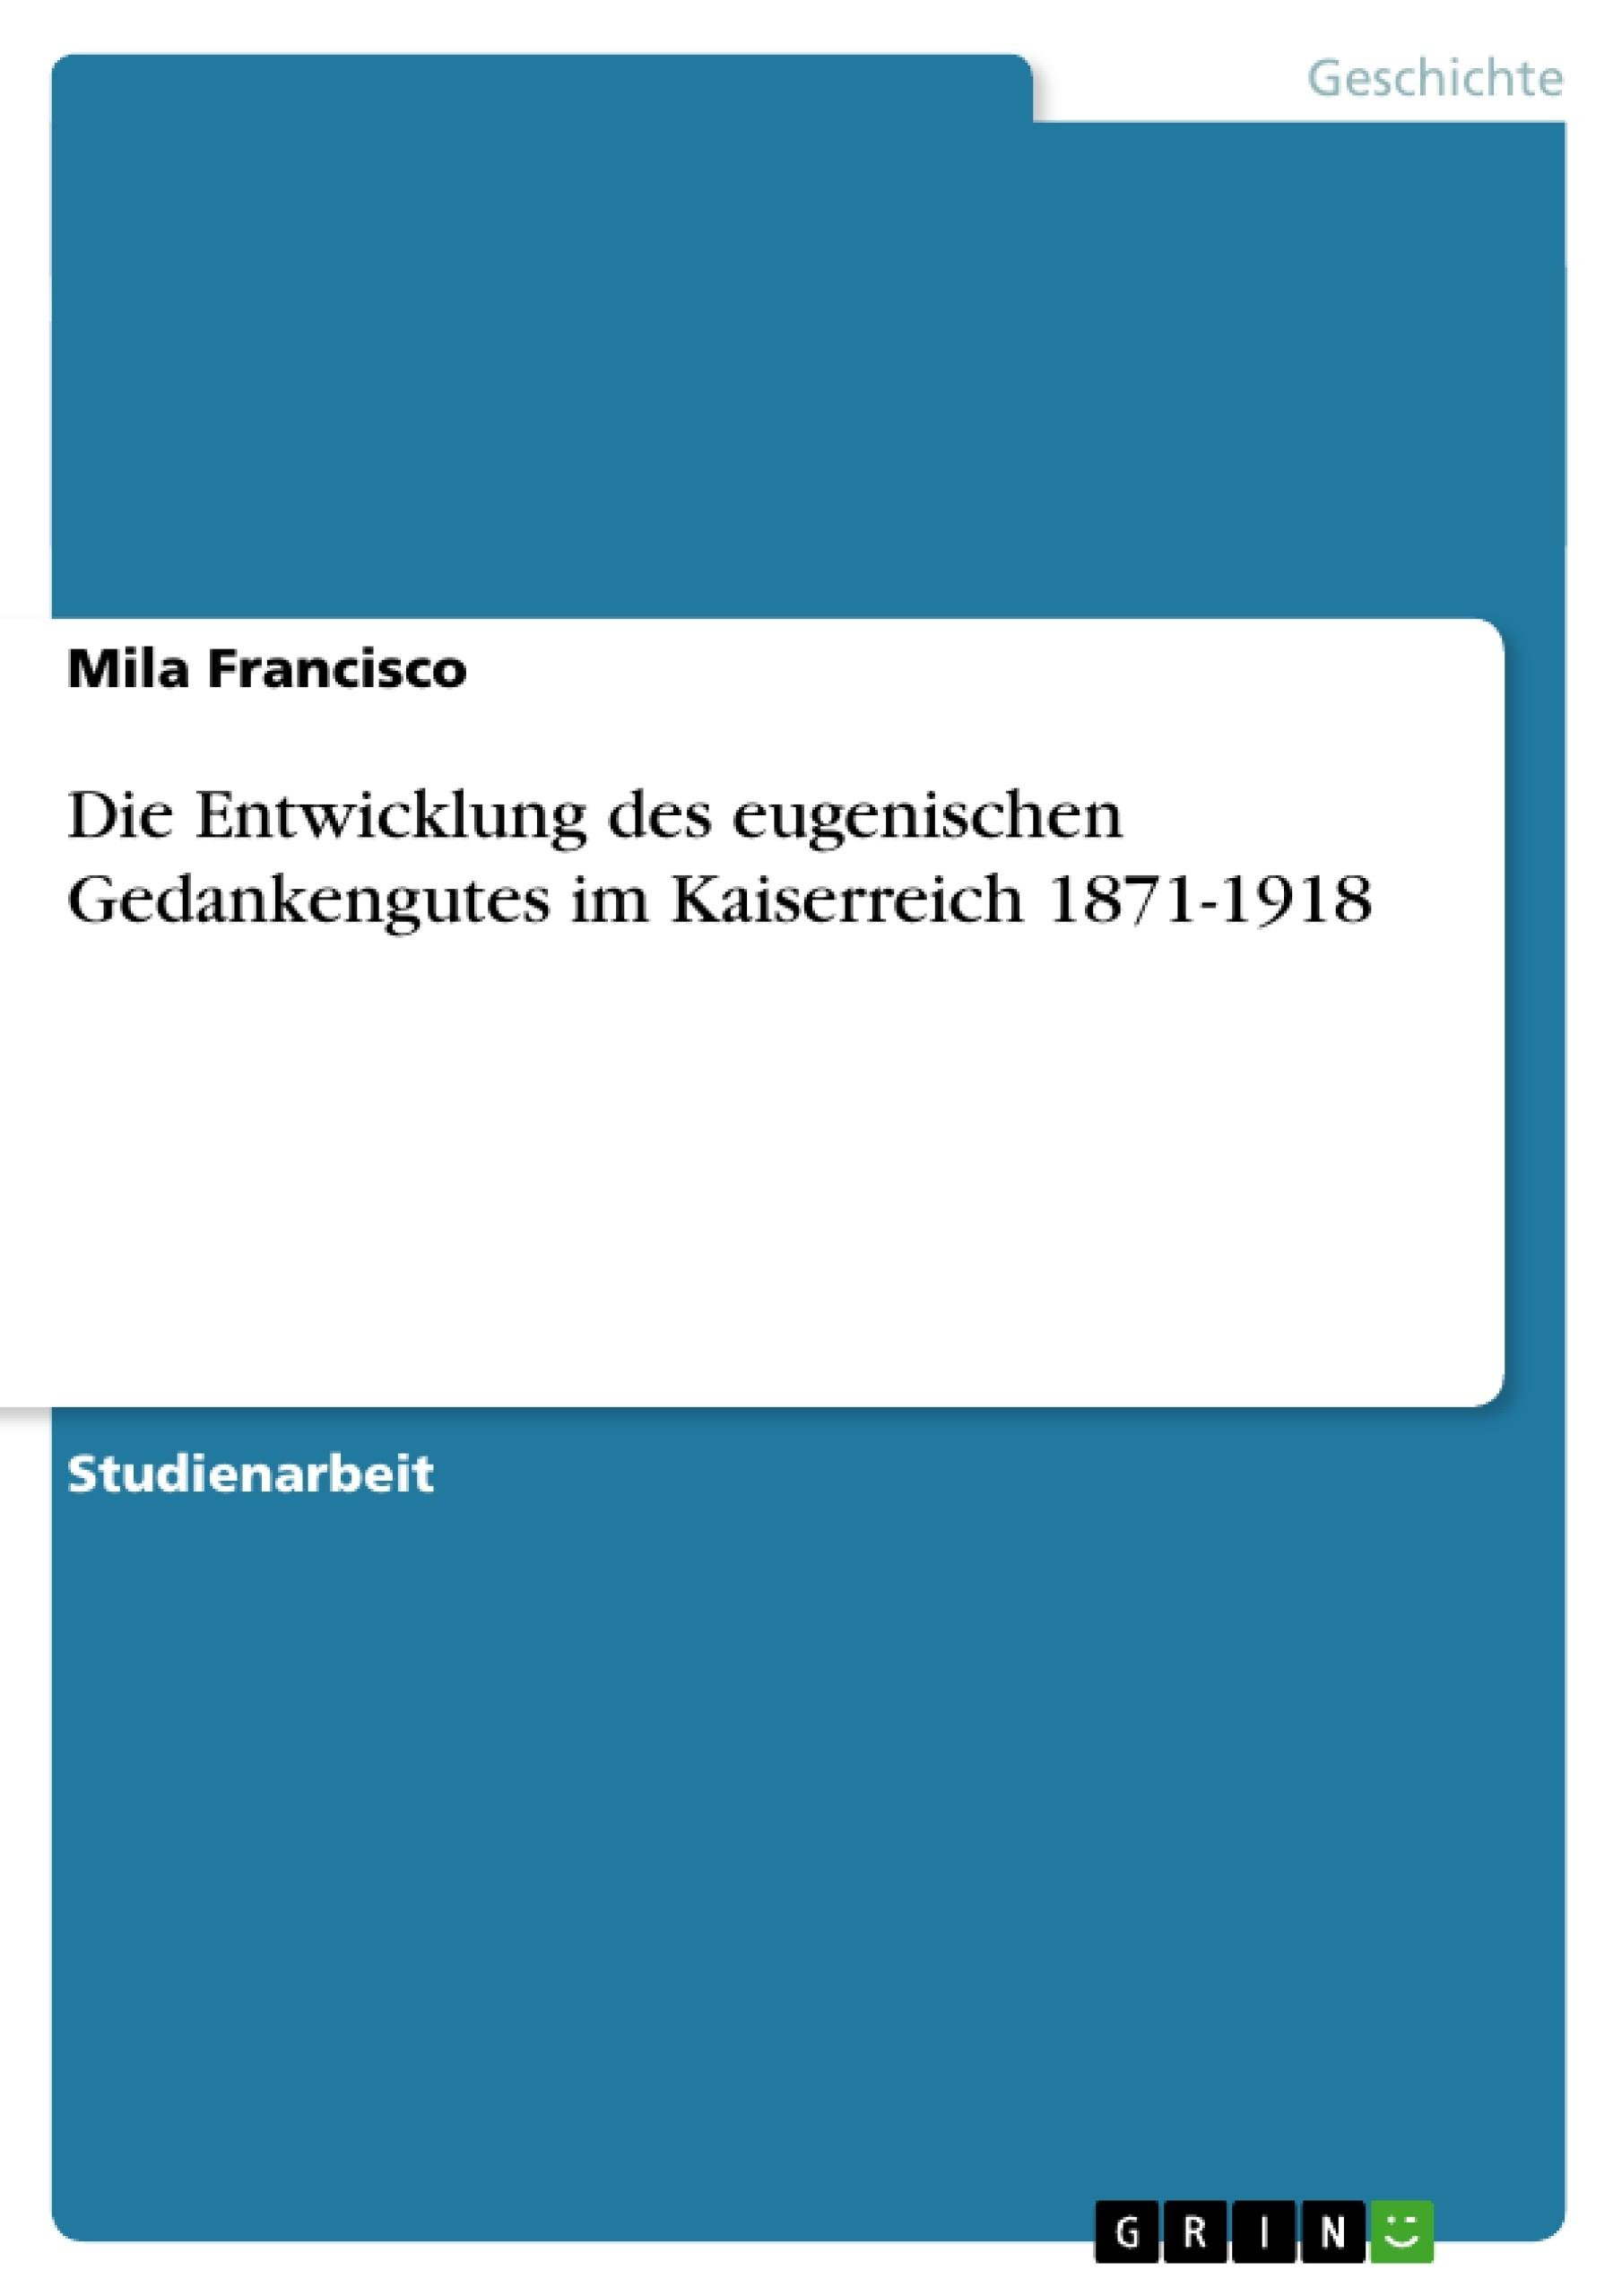 Titel: Die Entwicklung des eugenischen Gedankengutes im Kaiserreich 1871-1918